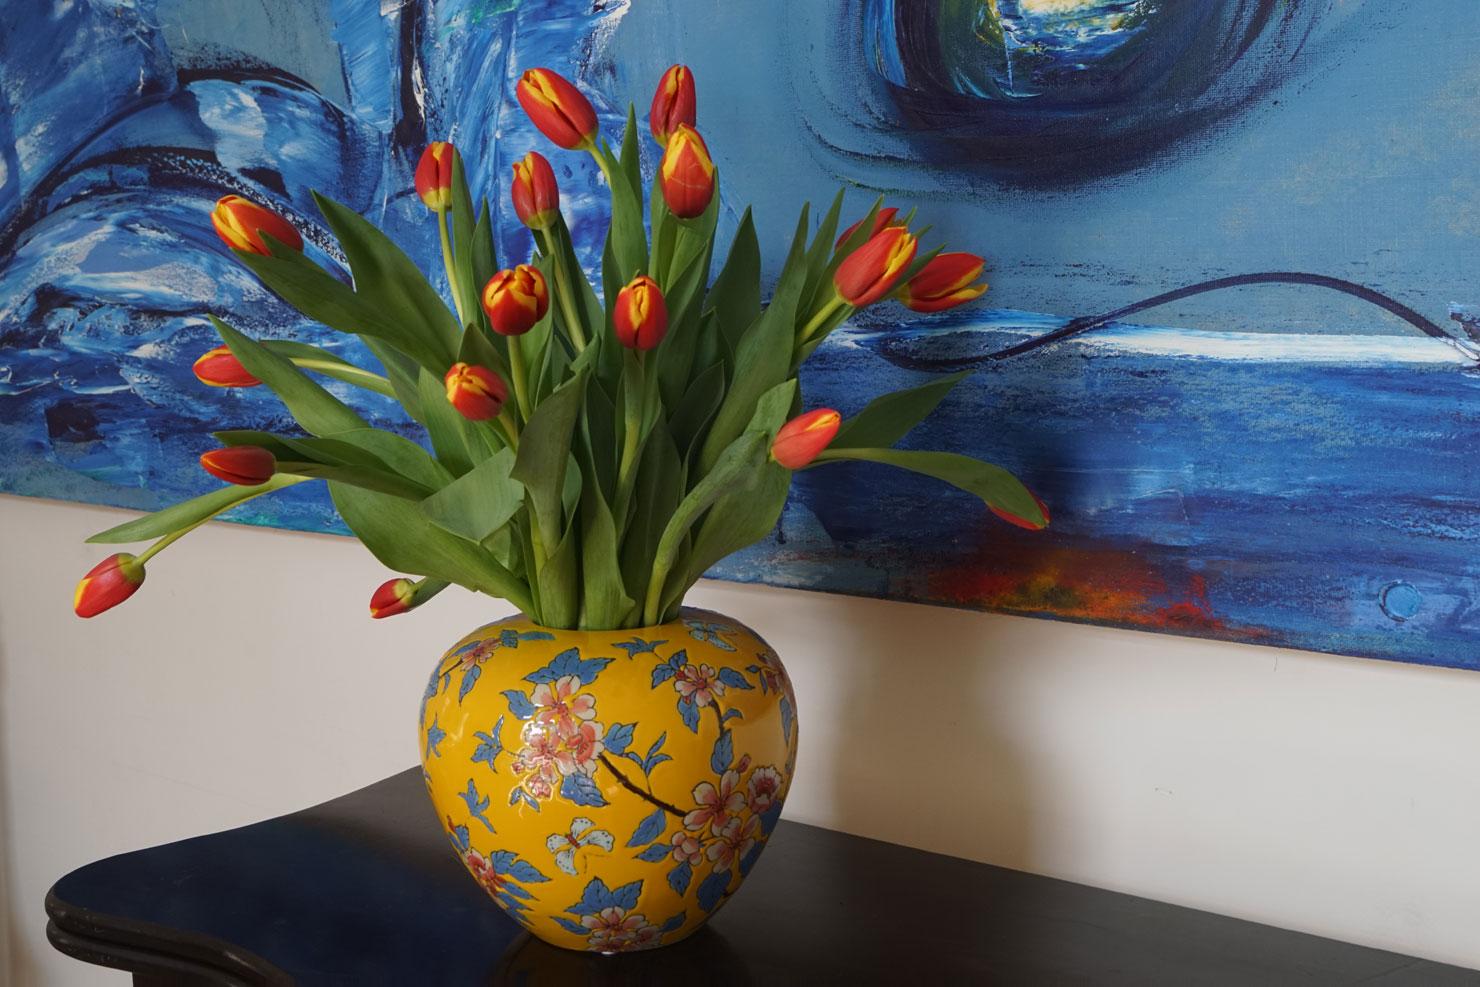 Geel geglazuurde aardewerken Jinja vaas met bloemdecor van Des Pots, verkrijgbaar bij Schreuder & Kraan in Haarlem